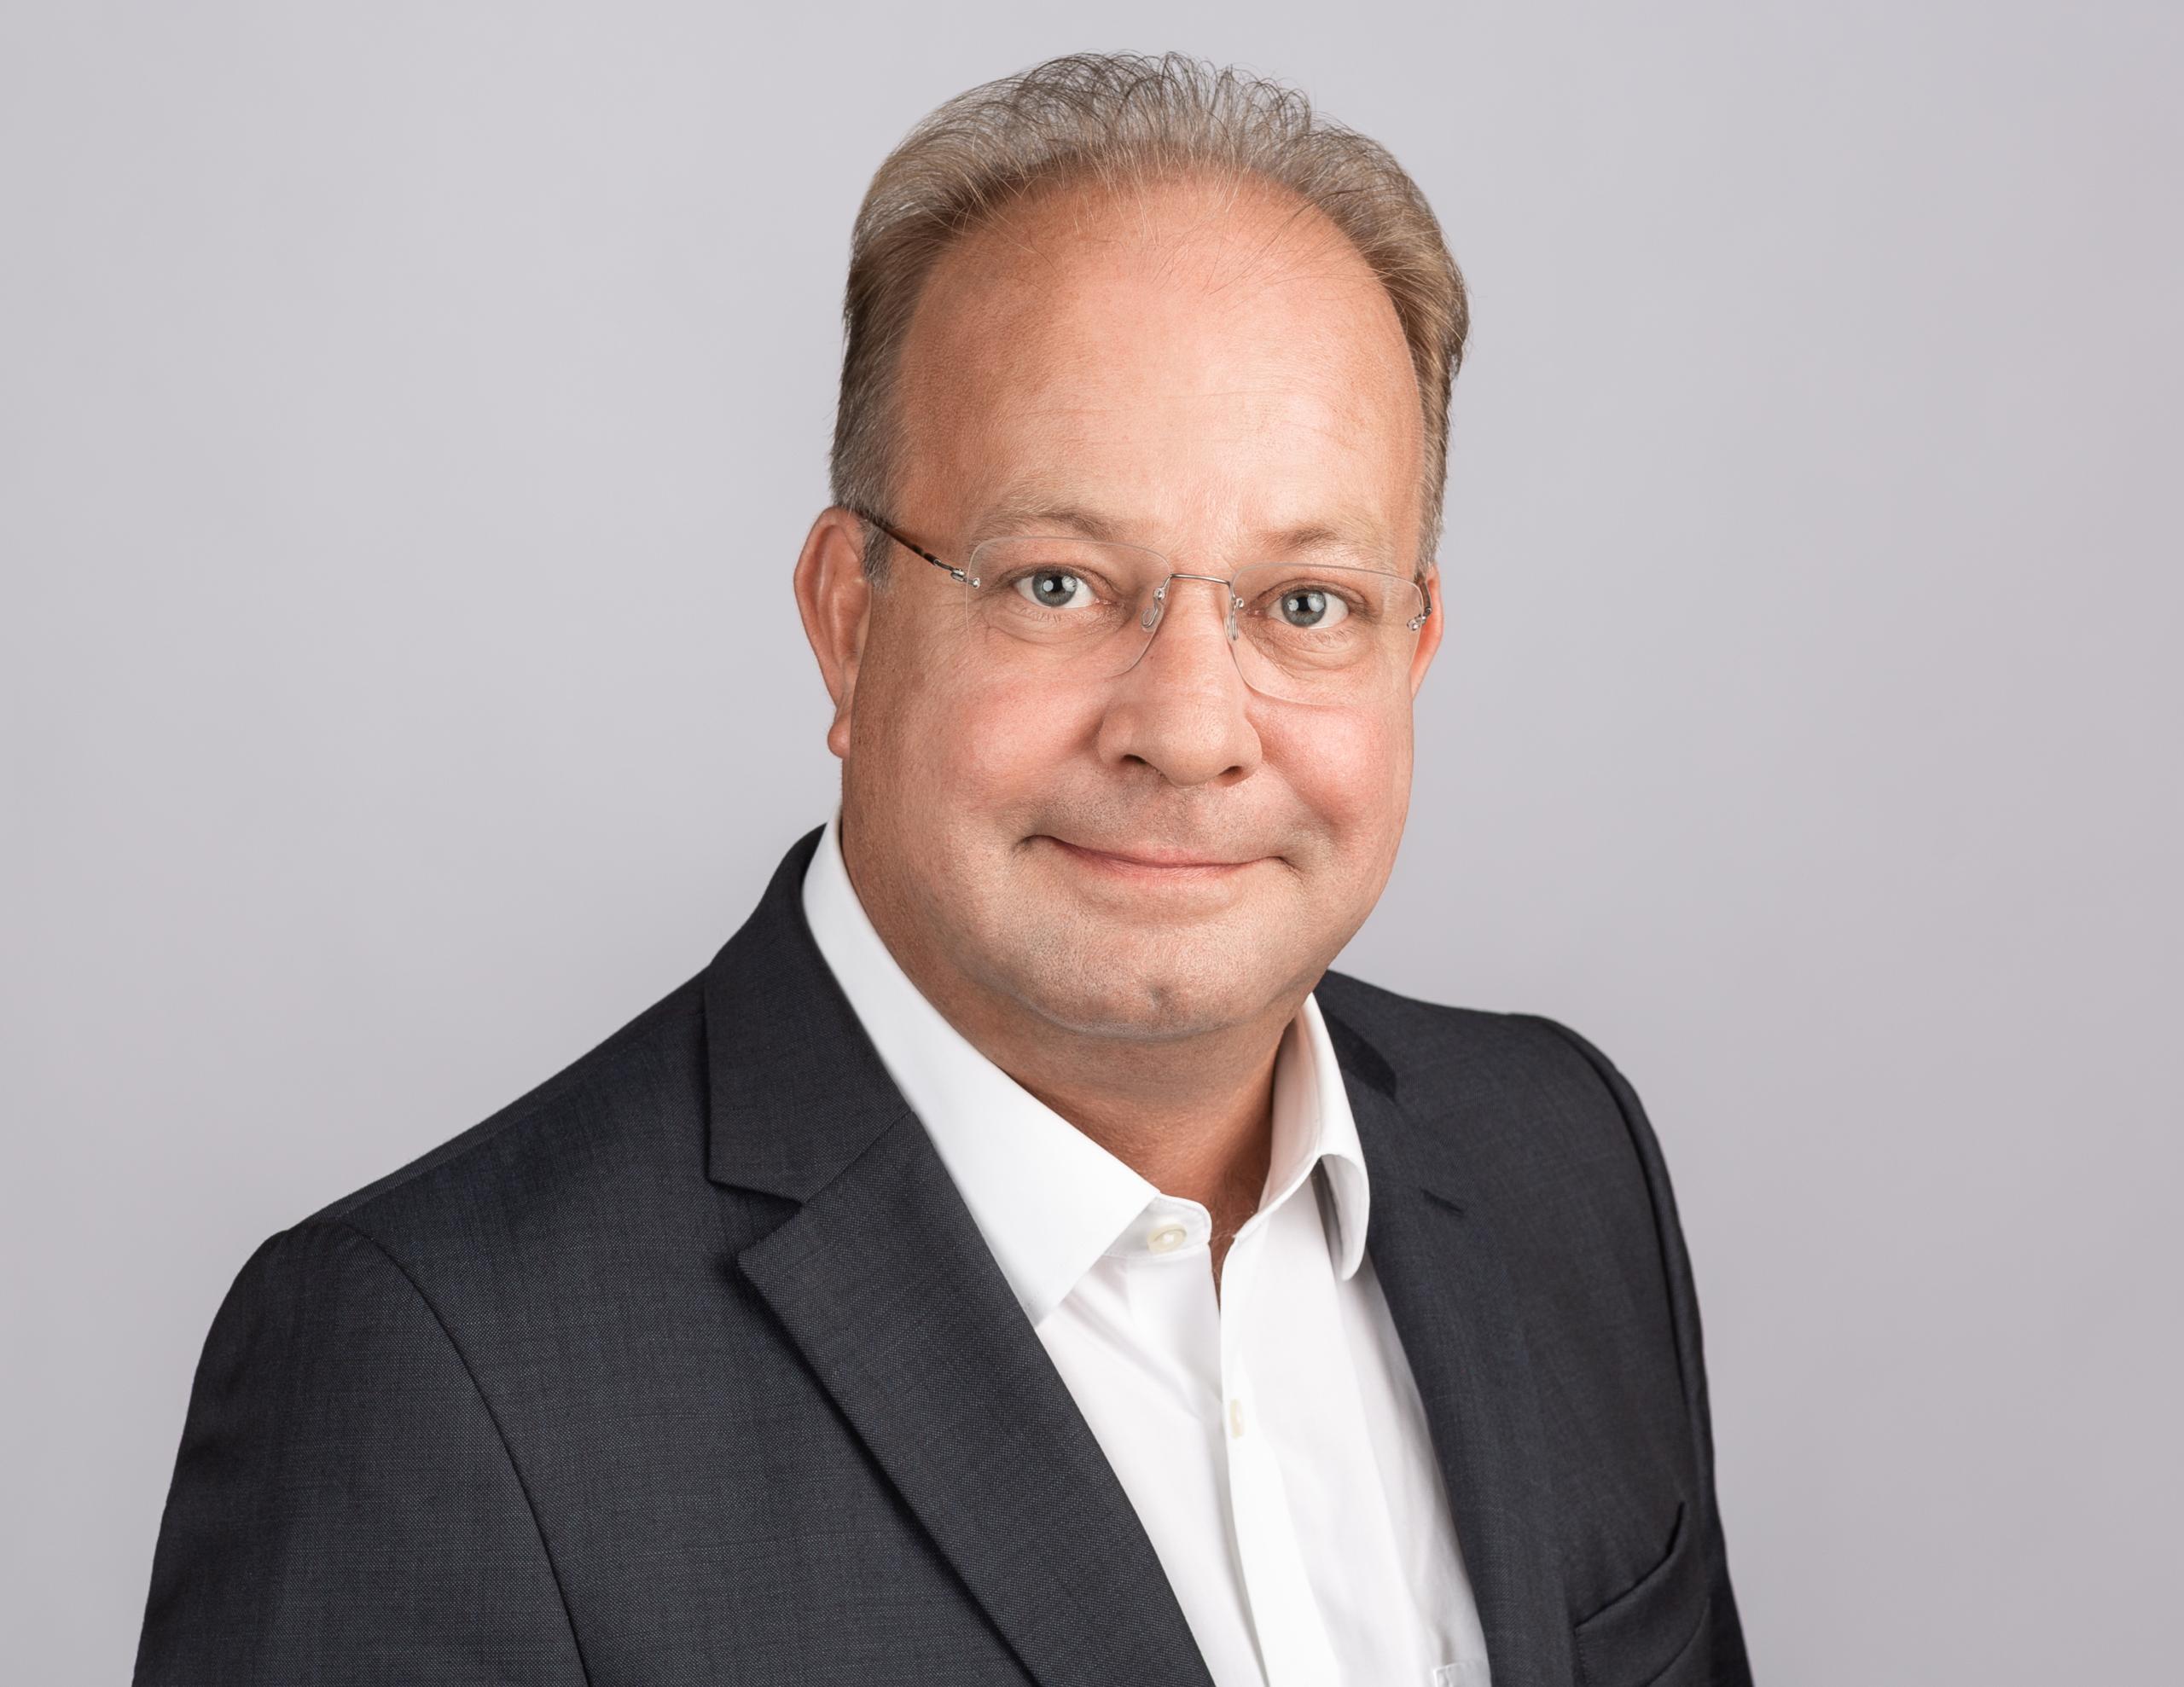 Markus Fliege